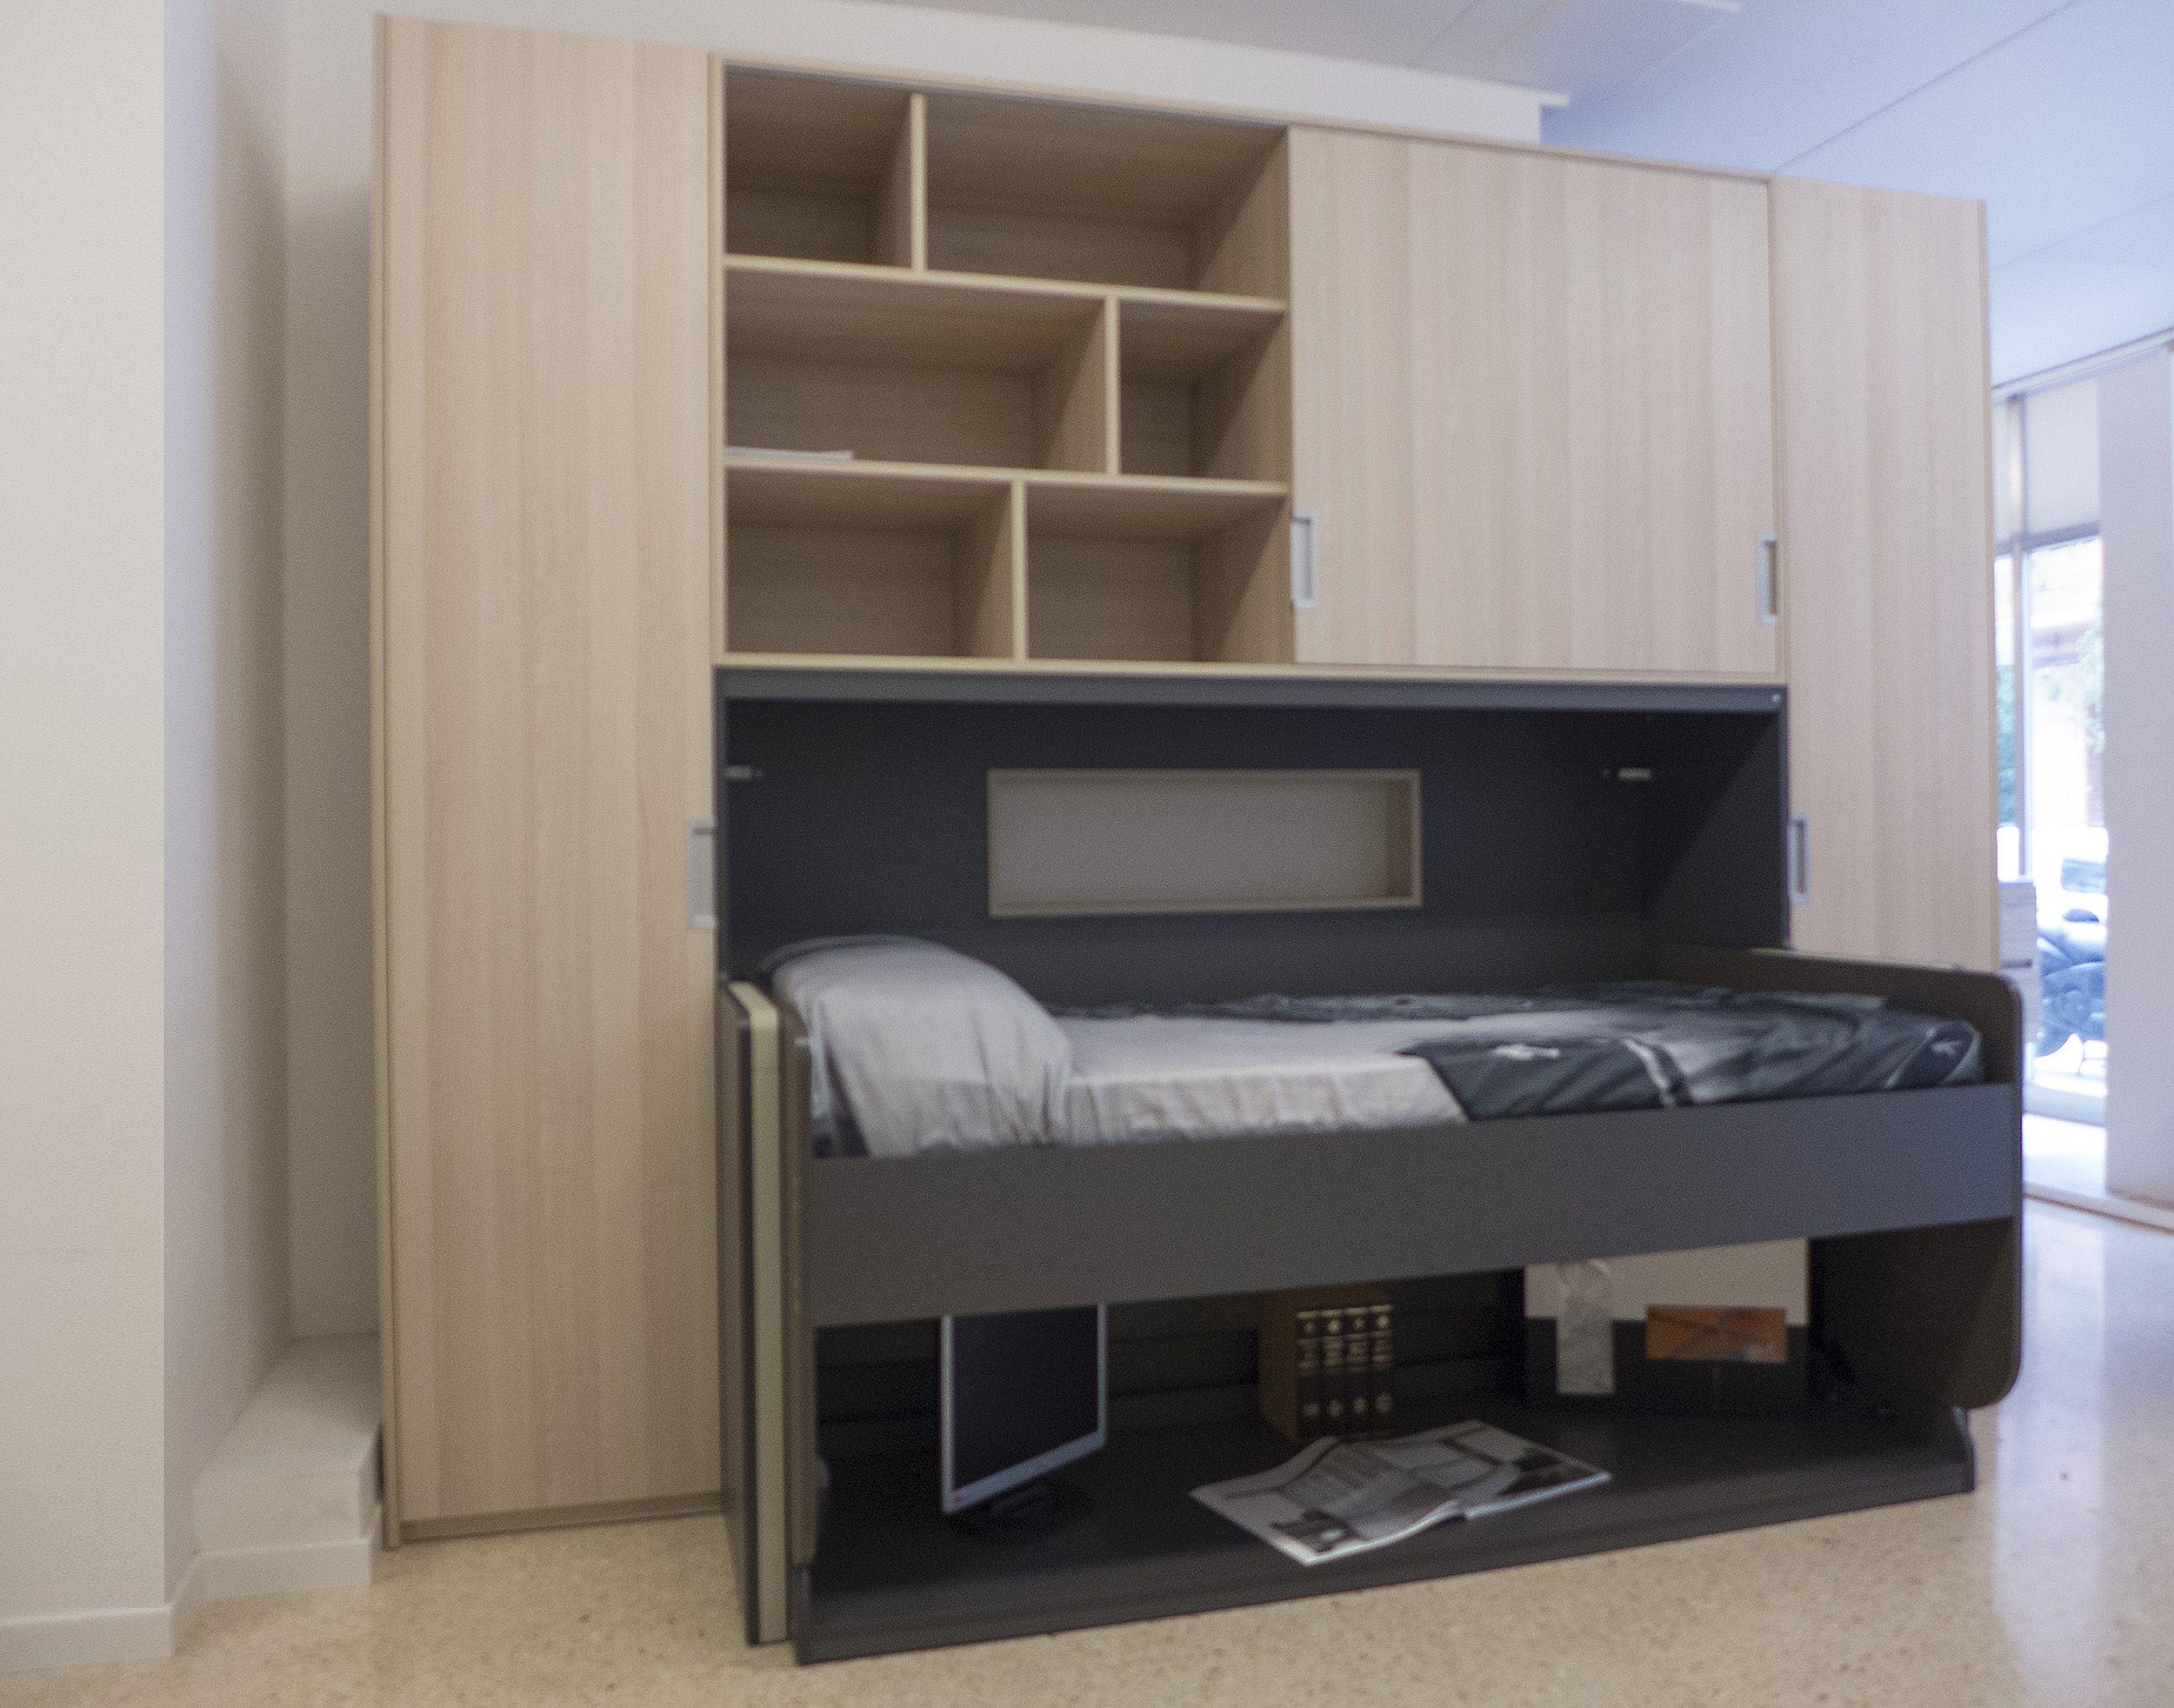 Dormitorios y todo tipo de muebles a medida en Sant Feliú de Llobregat